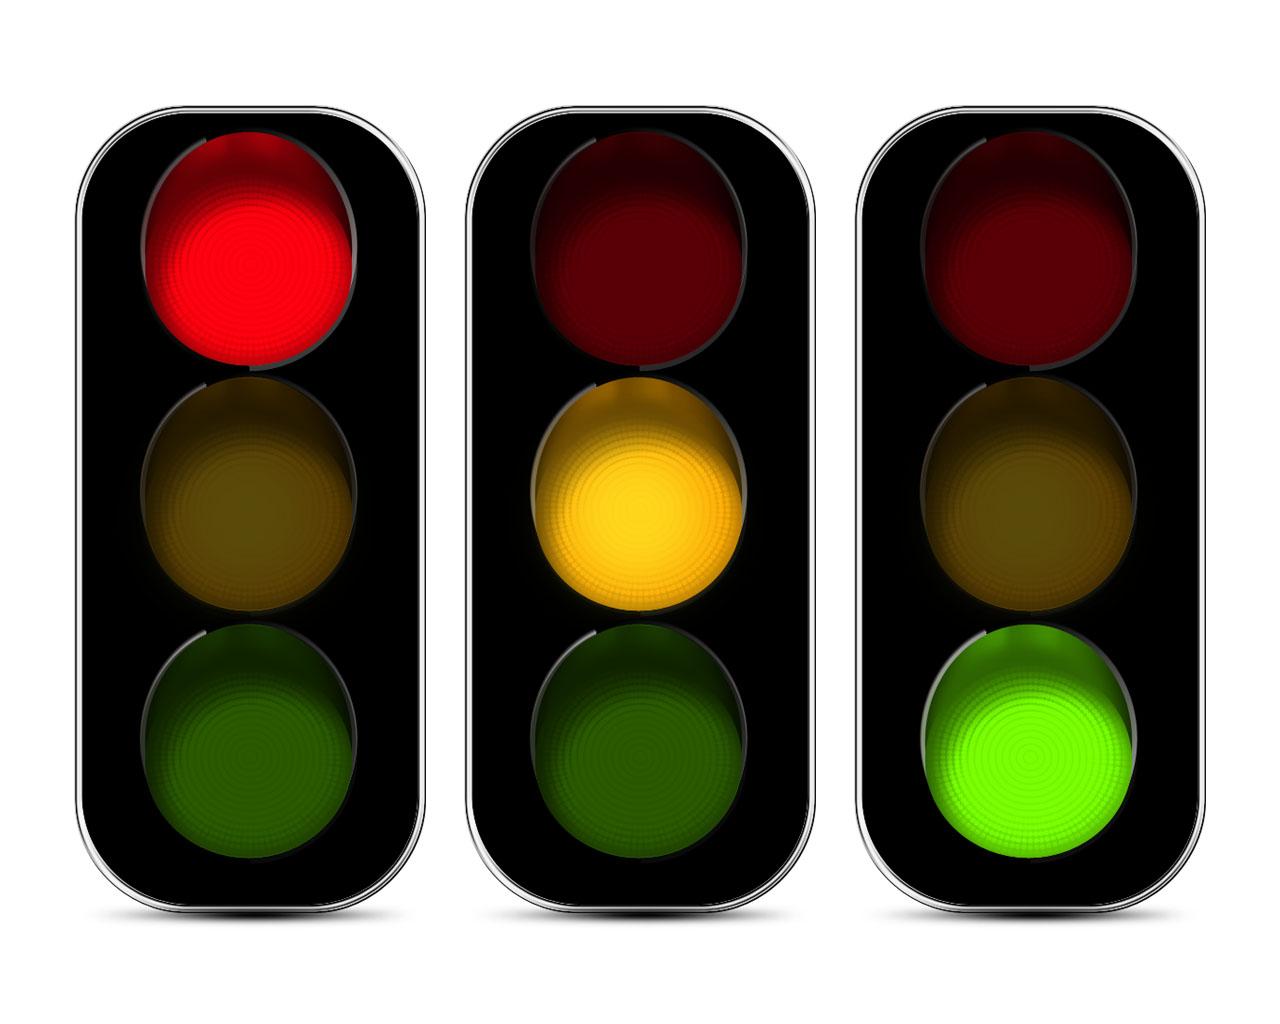 ¿Qué significan las luces de semáforo?